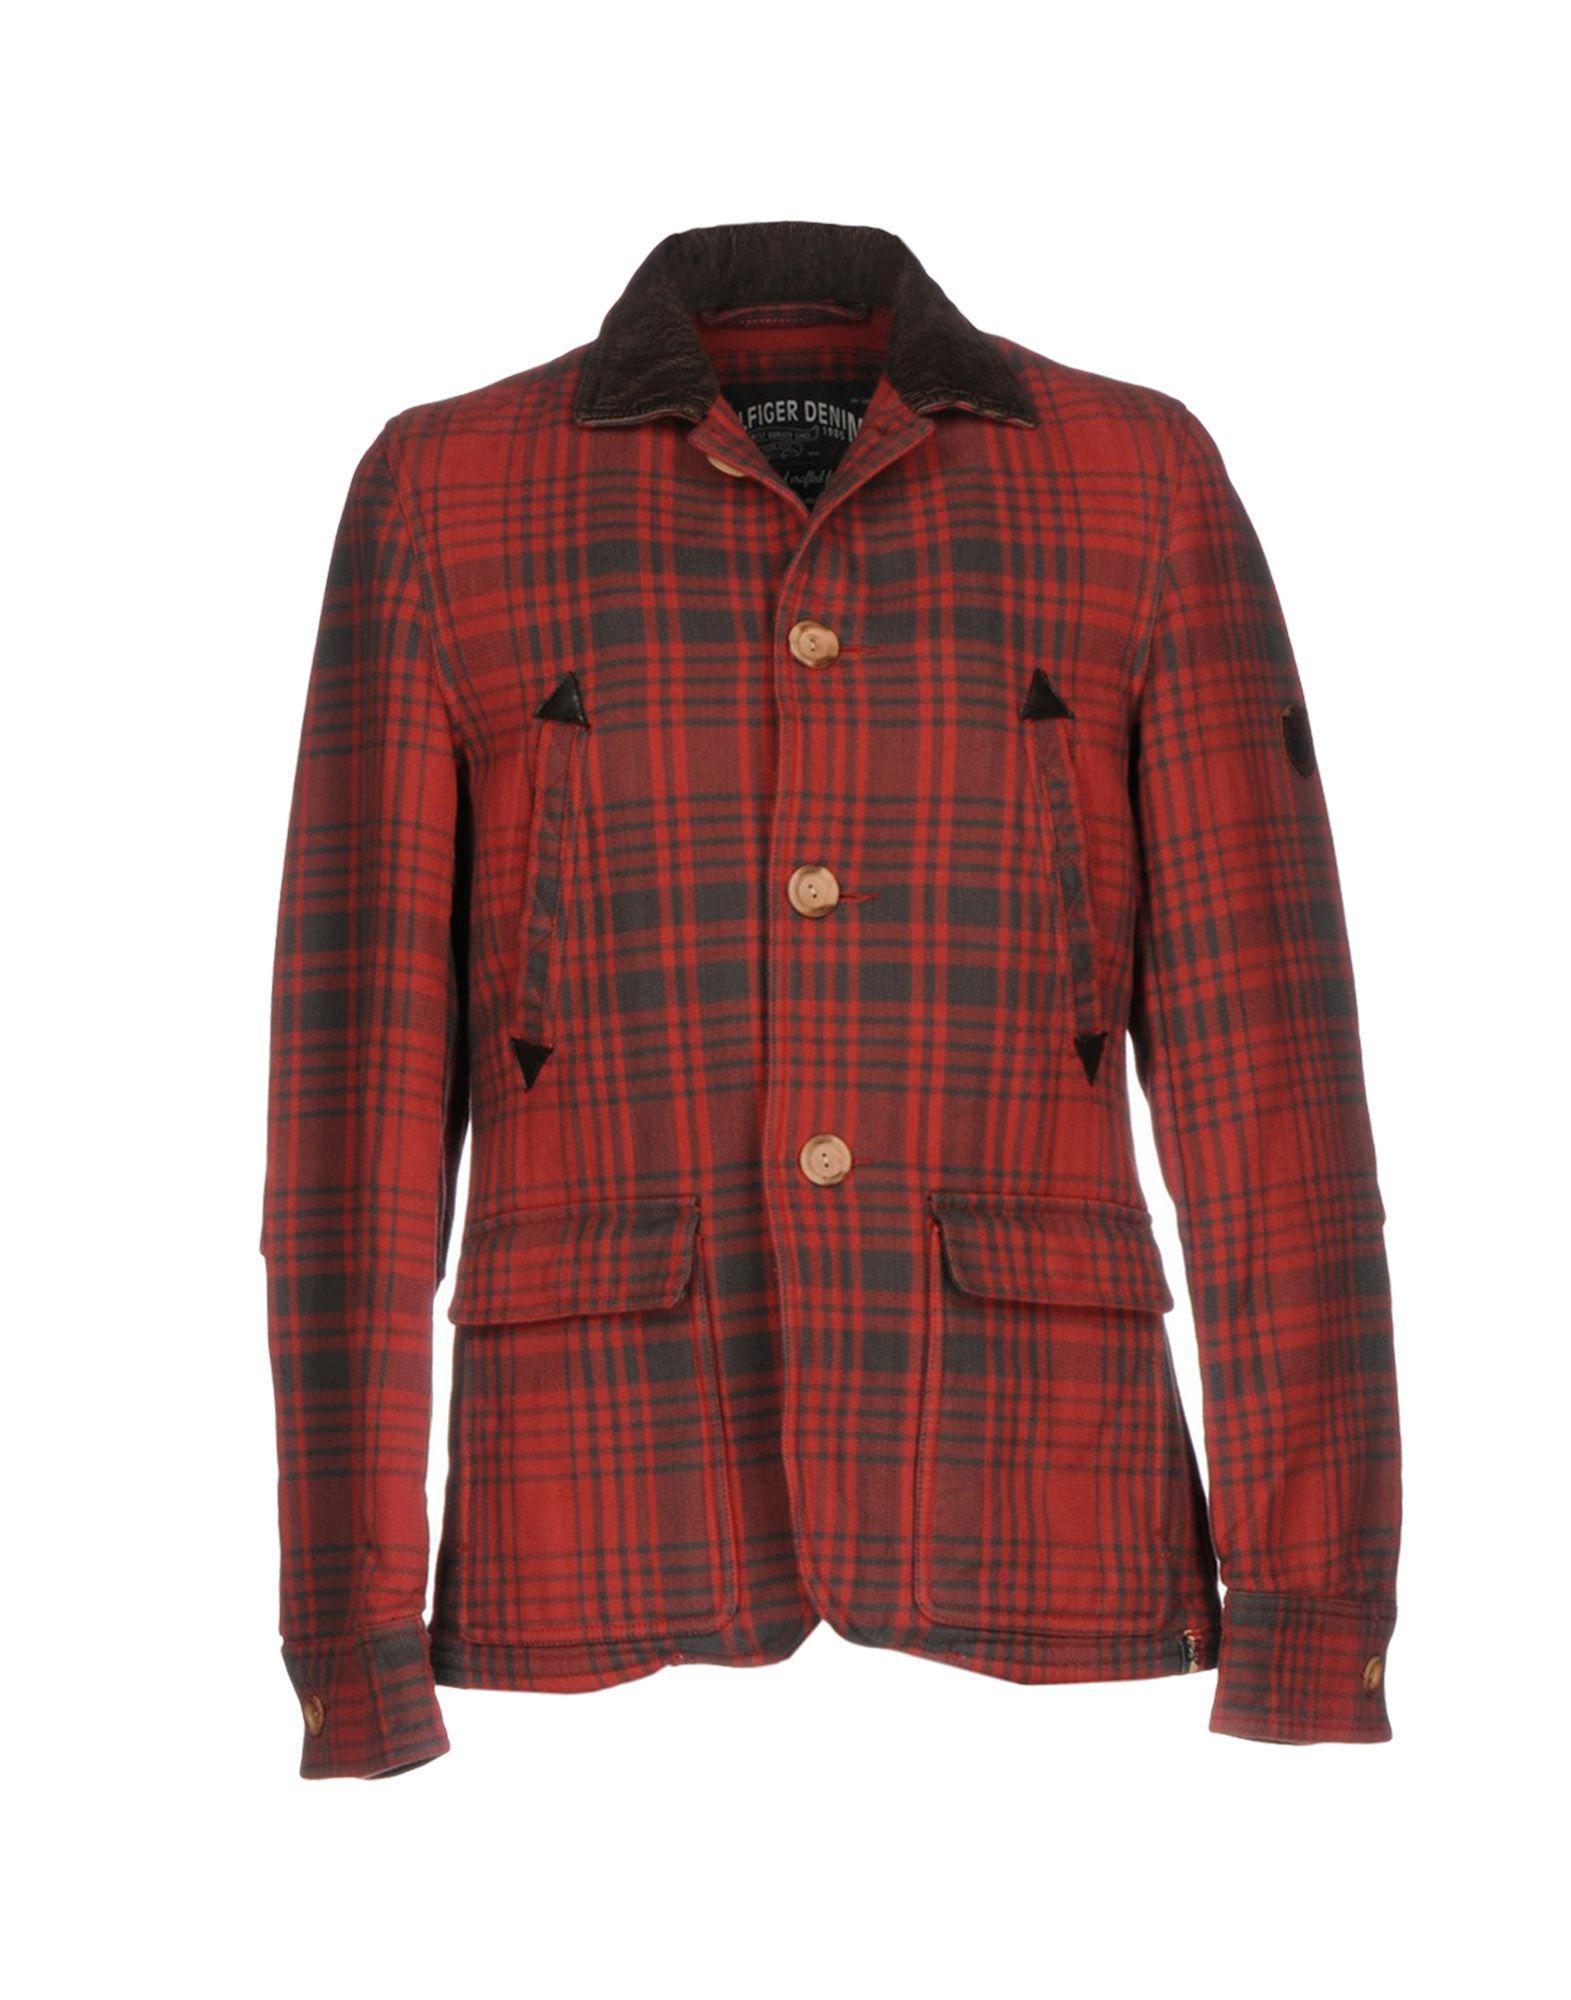 lyst hilfiger denim jacket in red for men. Black Bedroom Furniture Sets. Home Design Ideas